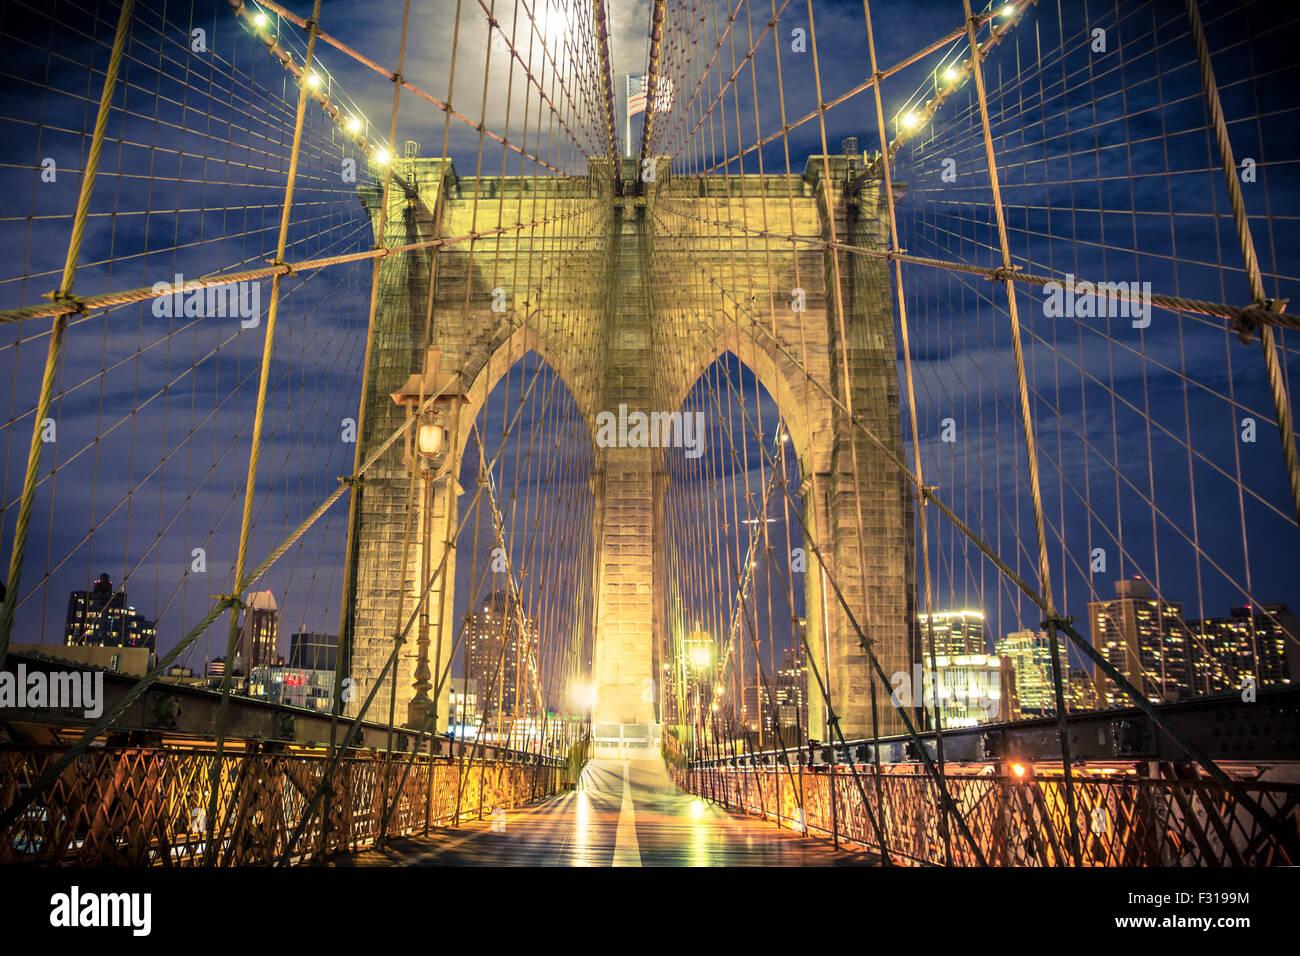 Voir l'historique du Pont de Brooklyn de nuit vu de la passerelle piétonne Photo Stock